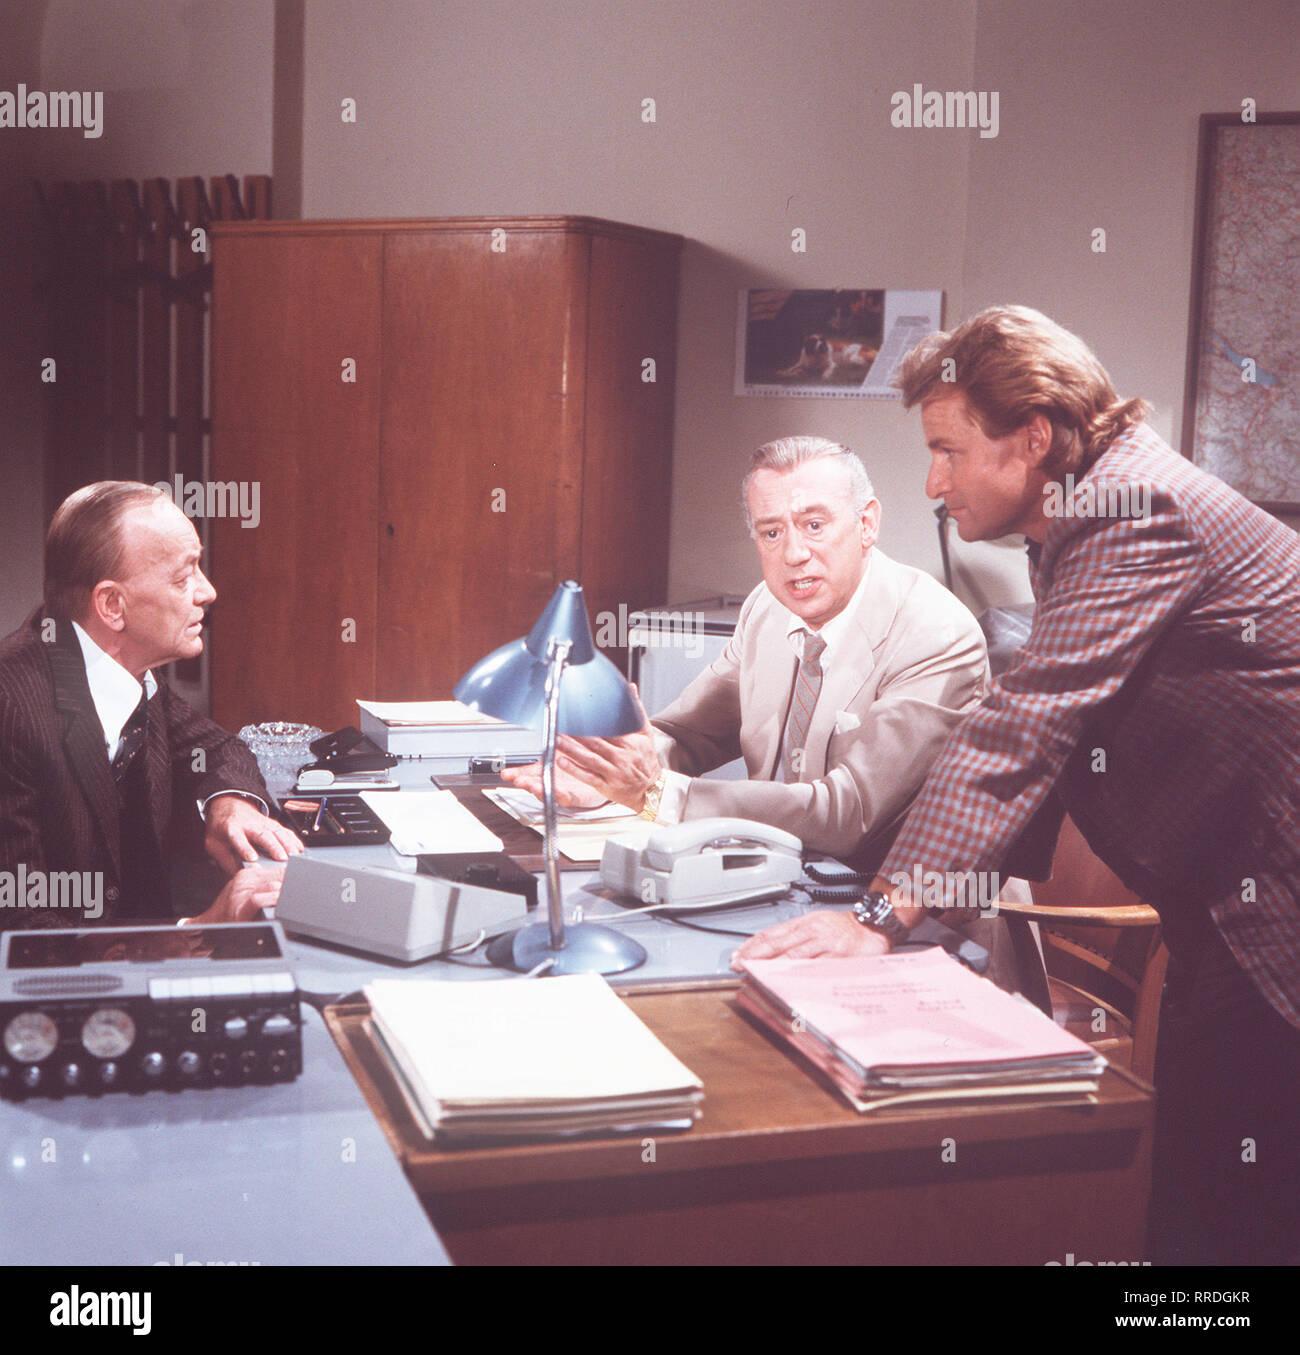 DERRICK / Lohmanns viscerale Frieden / Vor 15 Jahren wurde Alexander Lohmann wegen Mordes un einem Juwelier verurteilt, nun wird er entlassen. Es gab Zweifel un circuizione Schuld. / Szene: Herr Obermann (HANNES MESSEMER), Derrick (HORST TAPPERT), Assistent Klein (FRITZ WEPPER). / / 29993 , 26DFAderric3 / Überschrift: DERRICK / BRD 1983 Immagini Stock